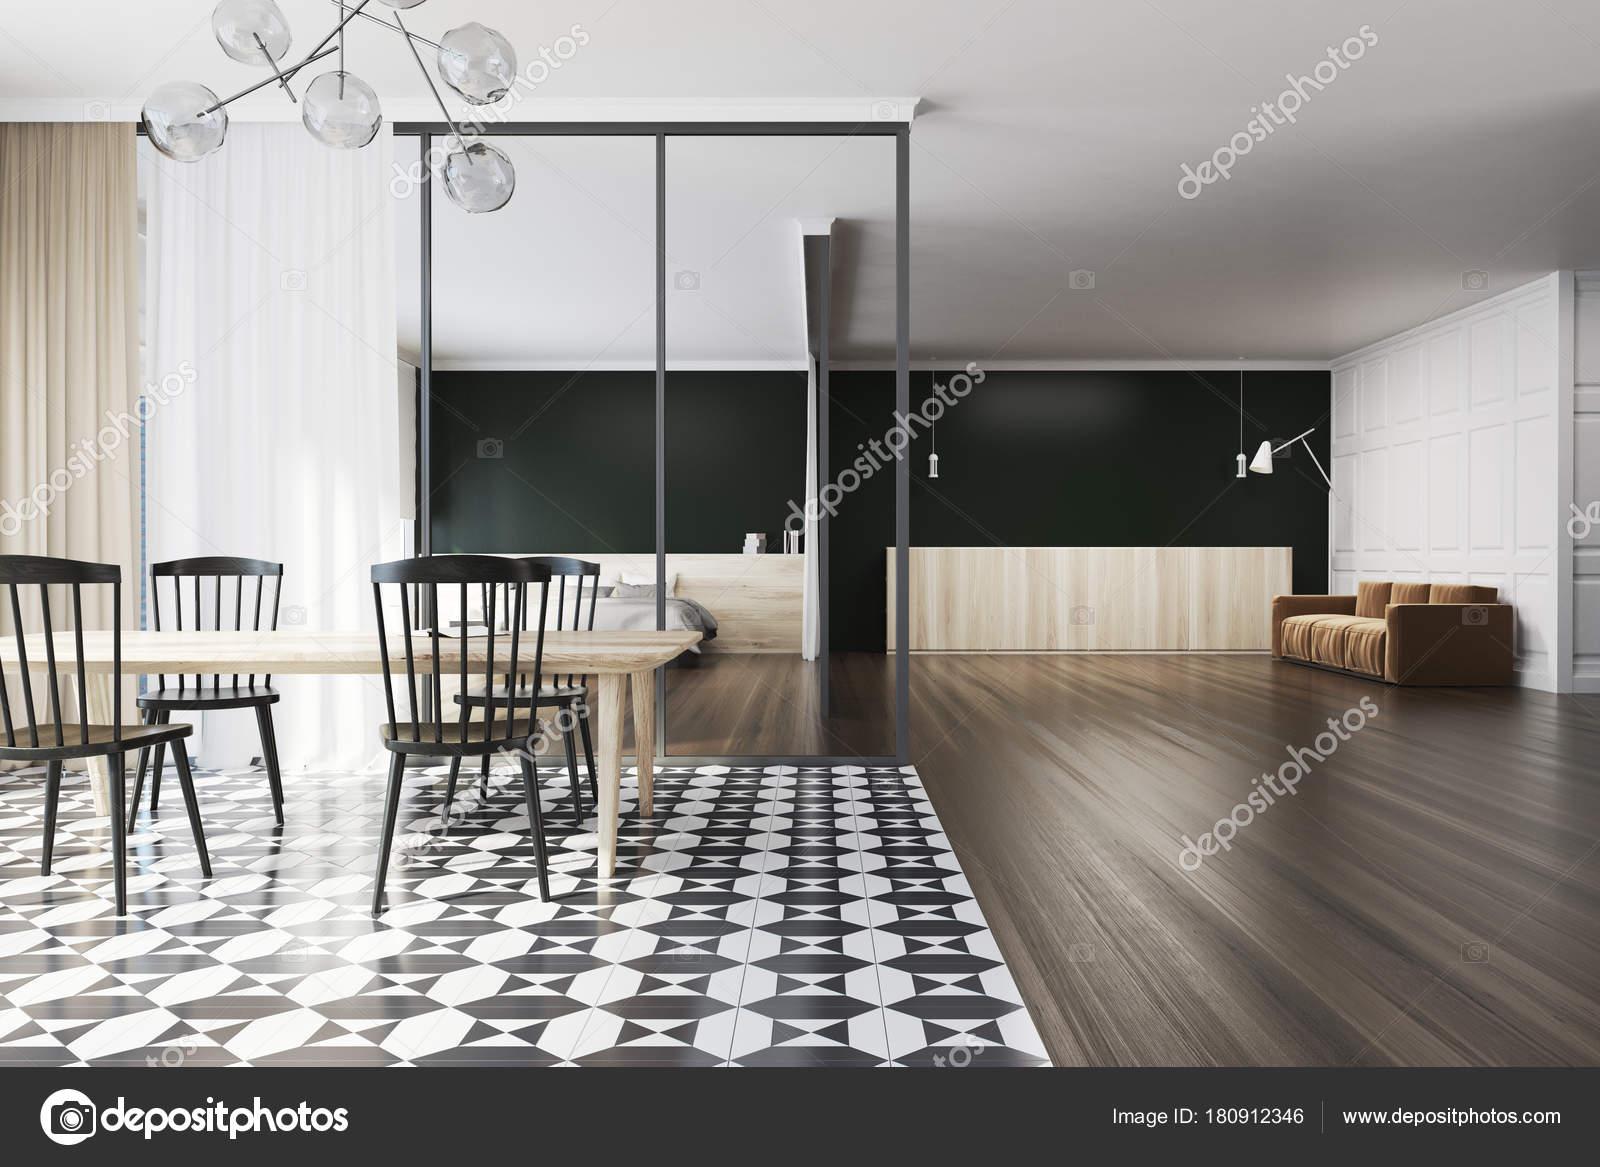 Sala da pranzo divano piastrelle in bianco e nero u foto stock